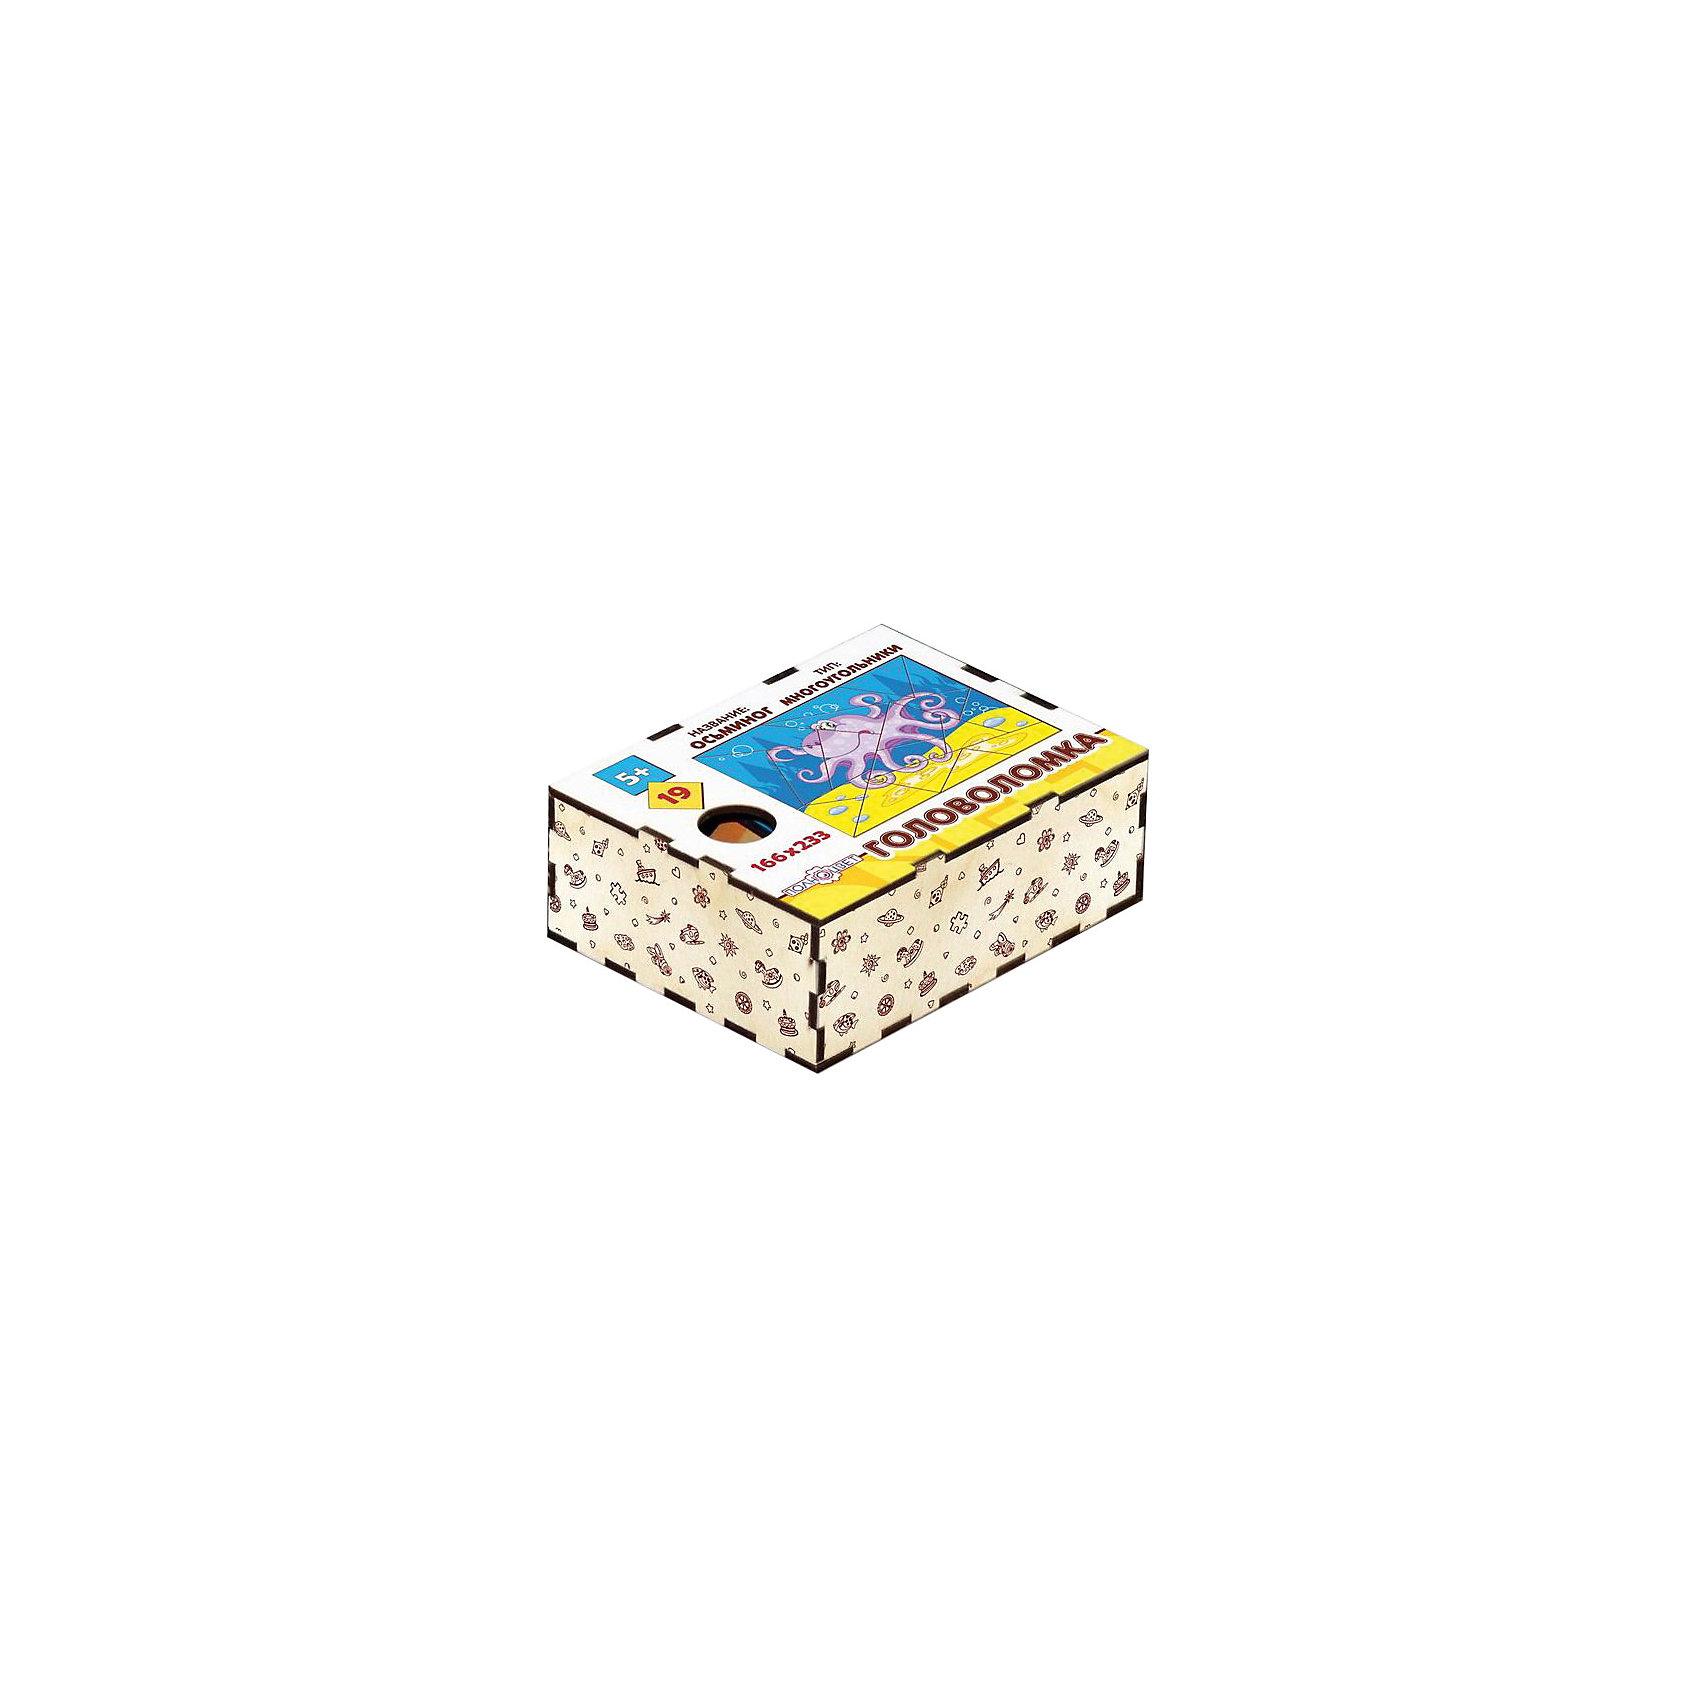 Головоломка Многоугольники. Осьминог, ПолноцветДеревянные головоломки<br>Характеристики:<br><br>• возраст: от 5 лет;<br>• количество деталей: 19;<br>• материал: фанера березовая шлифованная ФК, 3 мм;<br>• размер головоломки: 16,6х23,3х0,3 см;<br>• вес: 150 г;<br>• краска: УФ краска;<br>• тип упаковки: деревянная коробка открытого типа, термоусадка.<br><br>Интересный пазл из деталей в форме многоугольников надолго увлечет малышей. Мальчикам и девочкам потребуется проявить максимум внимательности и усидчивости, чтобы собрать красочную картинку с осьминогом.<br><br>Деревянная головоломка с высококачественной печатью имеет высокий срок службы. <br><br>Игрушка рекомендована для детских садов и центров, а также для домашнего использования.<br><br>Головоломку «Многоугольники. Осьминог», Полноцвет можно приобрести в нашем интернет-магазине.<br><br>Ширина мм: 30<br>Глубина мм: 230<br>Высота мм: 170<br>Вес г: 150<br>Возраст от месяцев: 36<br>Возраст до месяцев: 2147483647<br>Пол: Унисекс<br>Возраст: Детский<br>SKU: 7025969